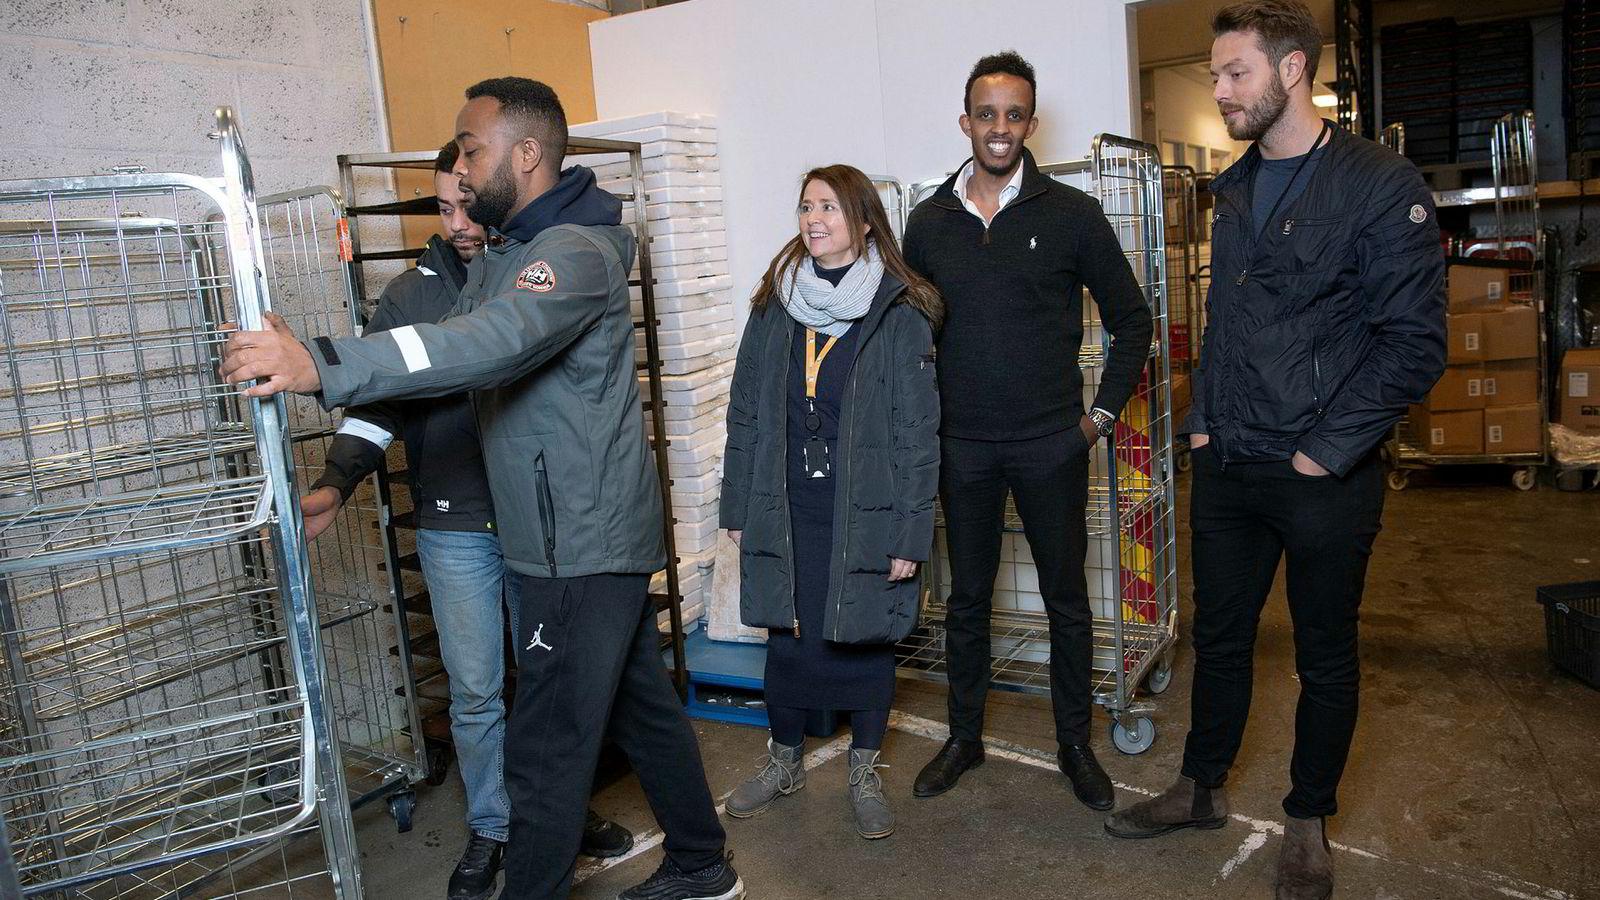 Zoopit-gründerne Arne Kvale (fra høyre) og Shafi Adan følger med på opplasting av dagligvarer på Meny-butikken på Bryn i Oslo, sammen med Cathrine Laksfoss fra Schibsted Distribusjon.